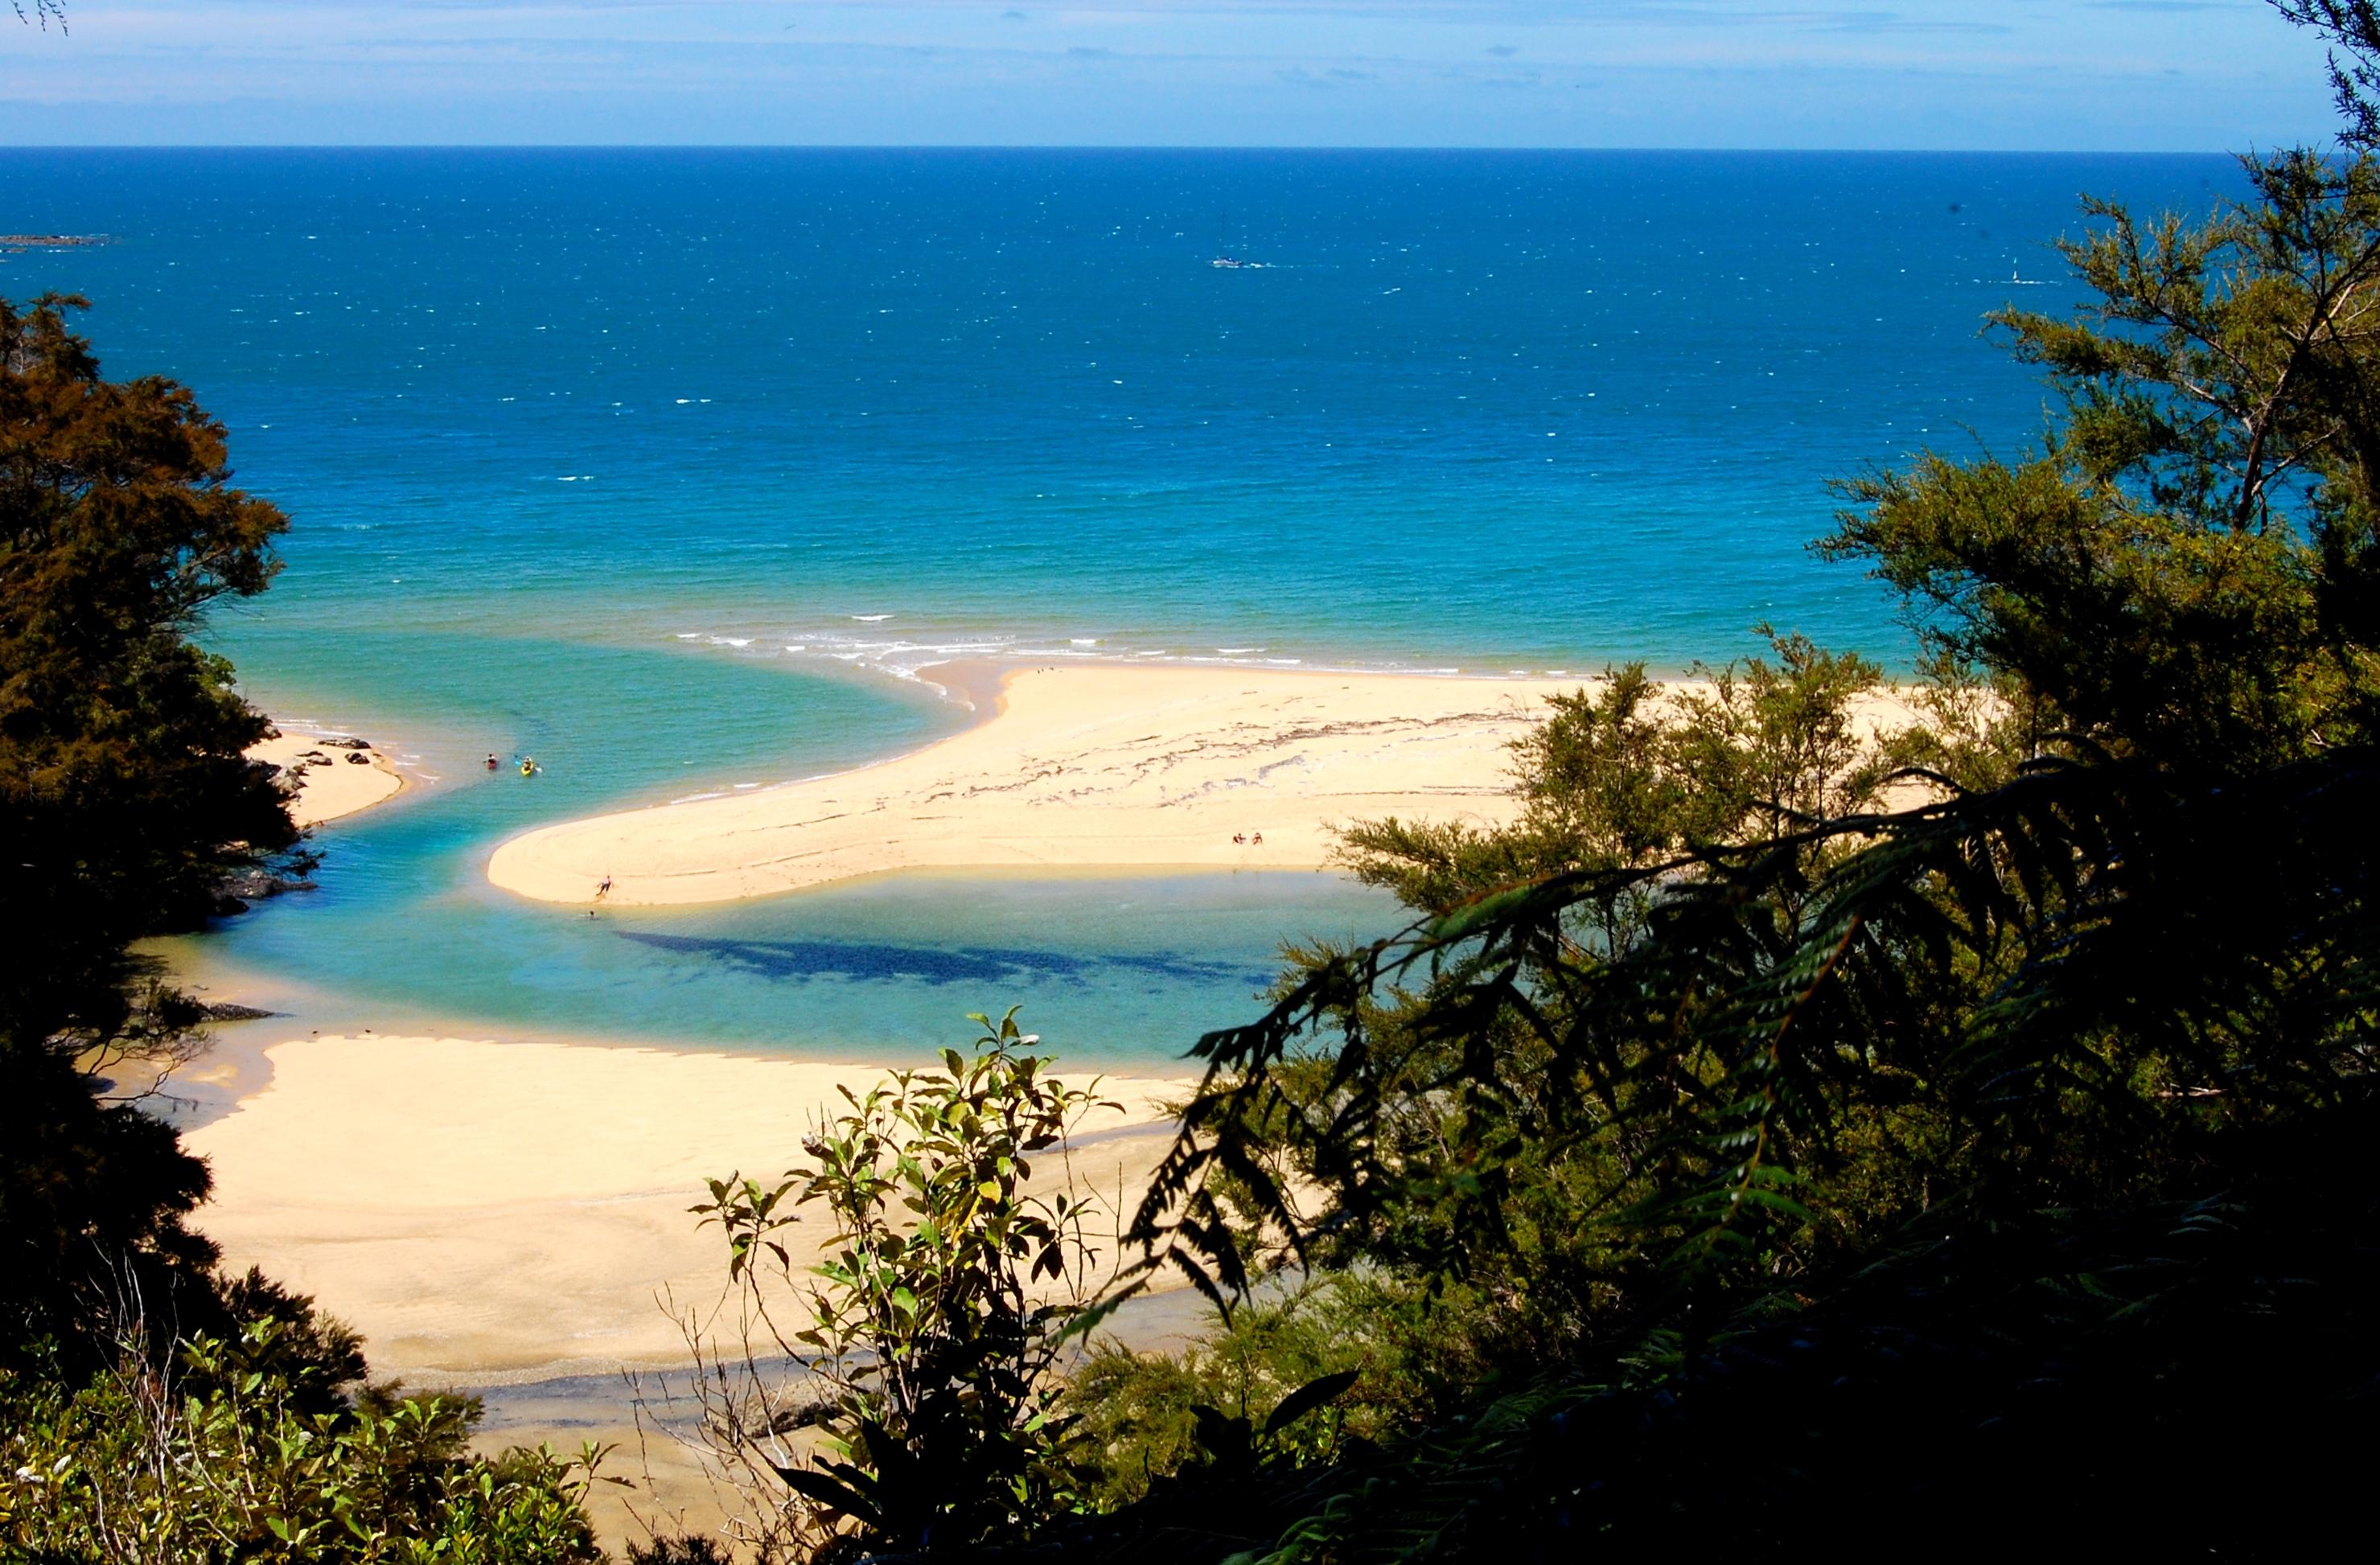 Noleggio Barche Bay of Island - Navalia | Noleggia un Sogno